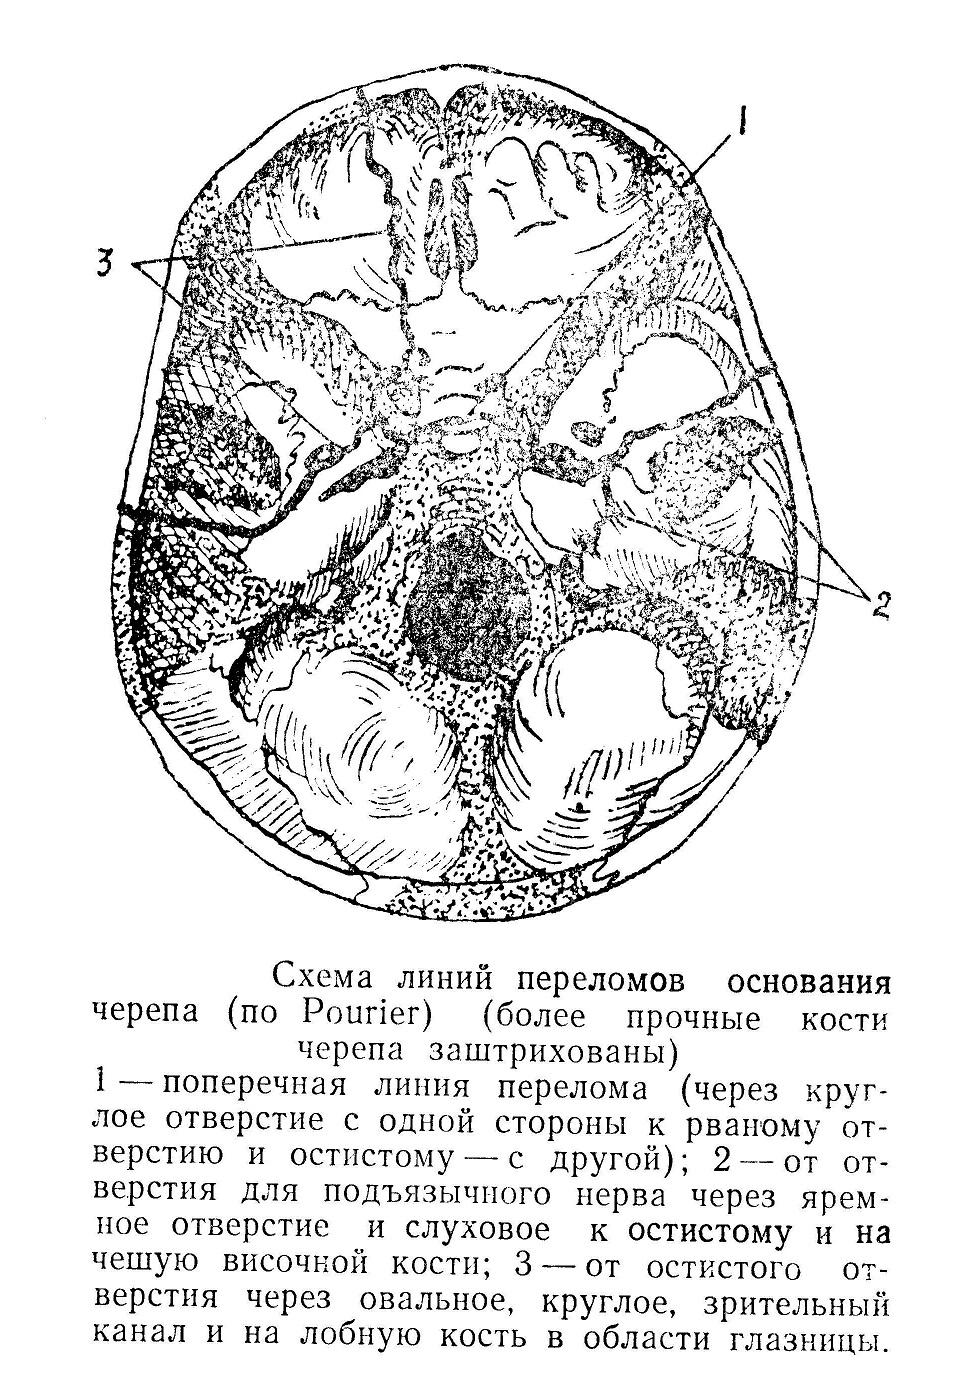 Схема линий переломов основания черепа (по Pourier)